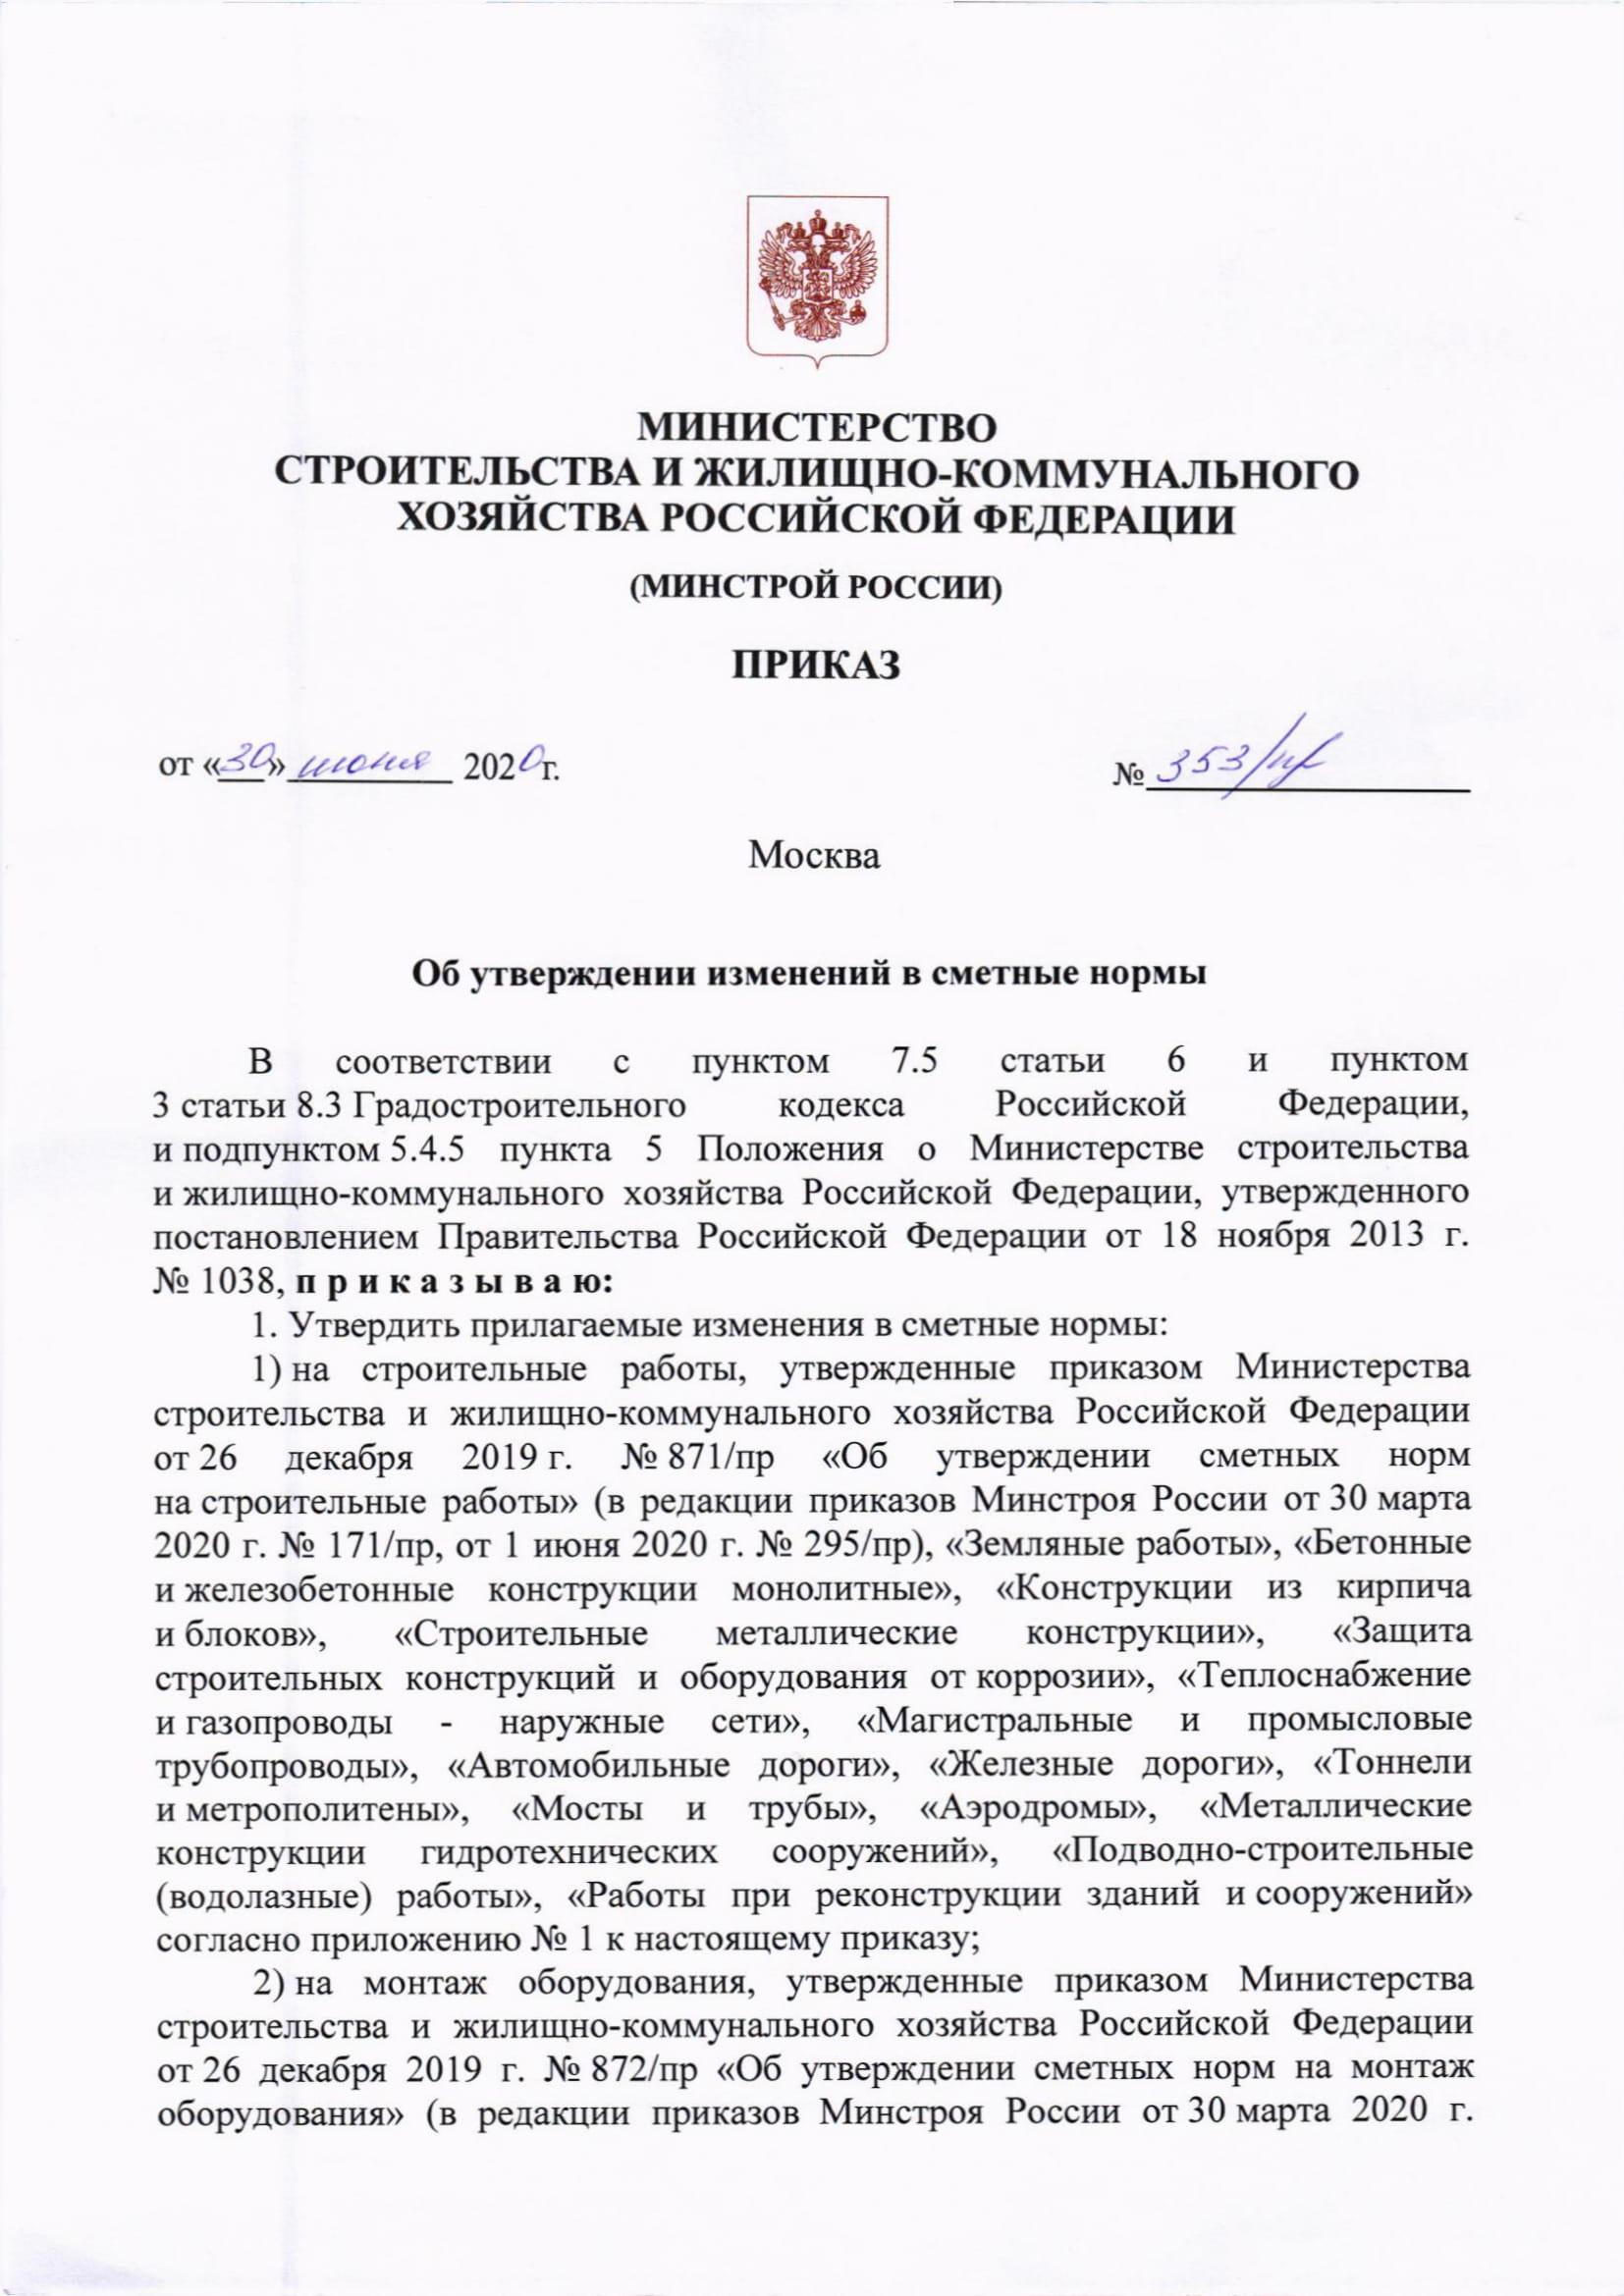 приказ №353/пр от 30 июня 2020 г.